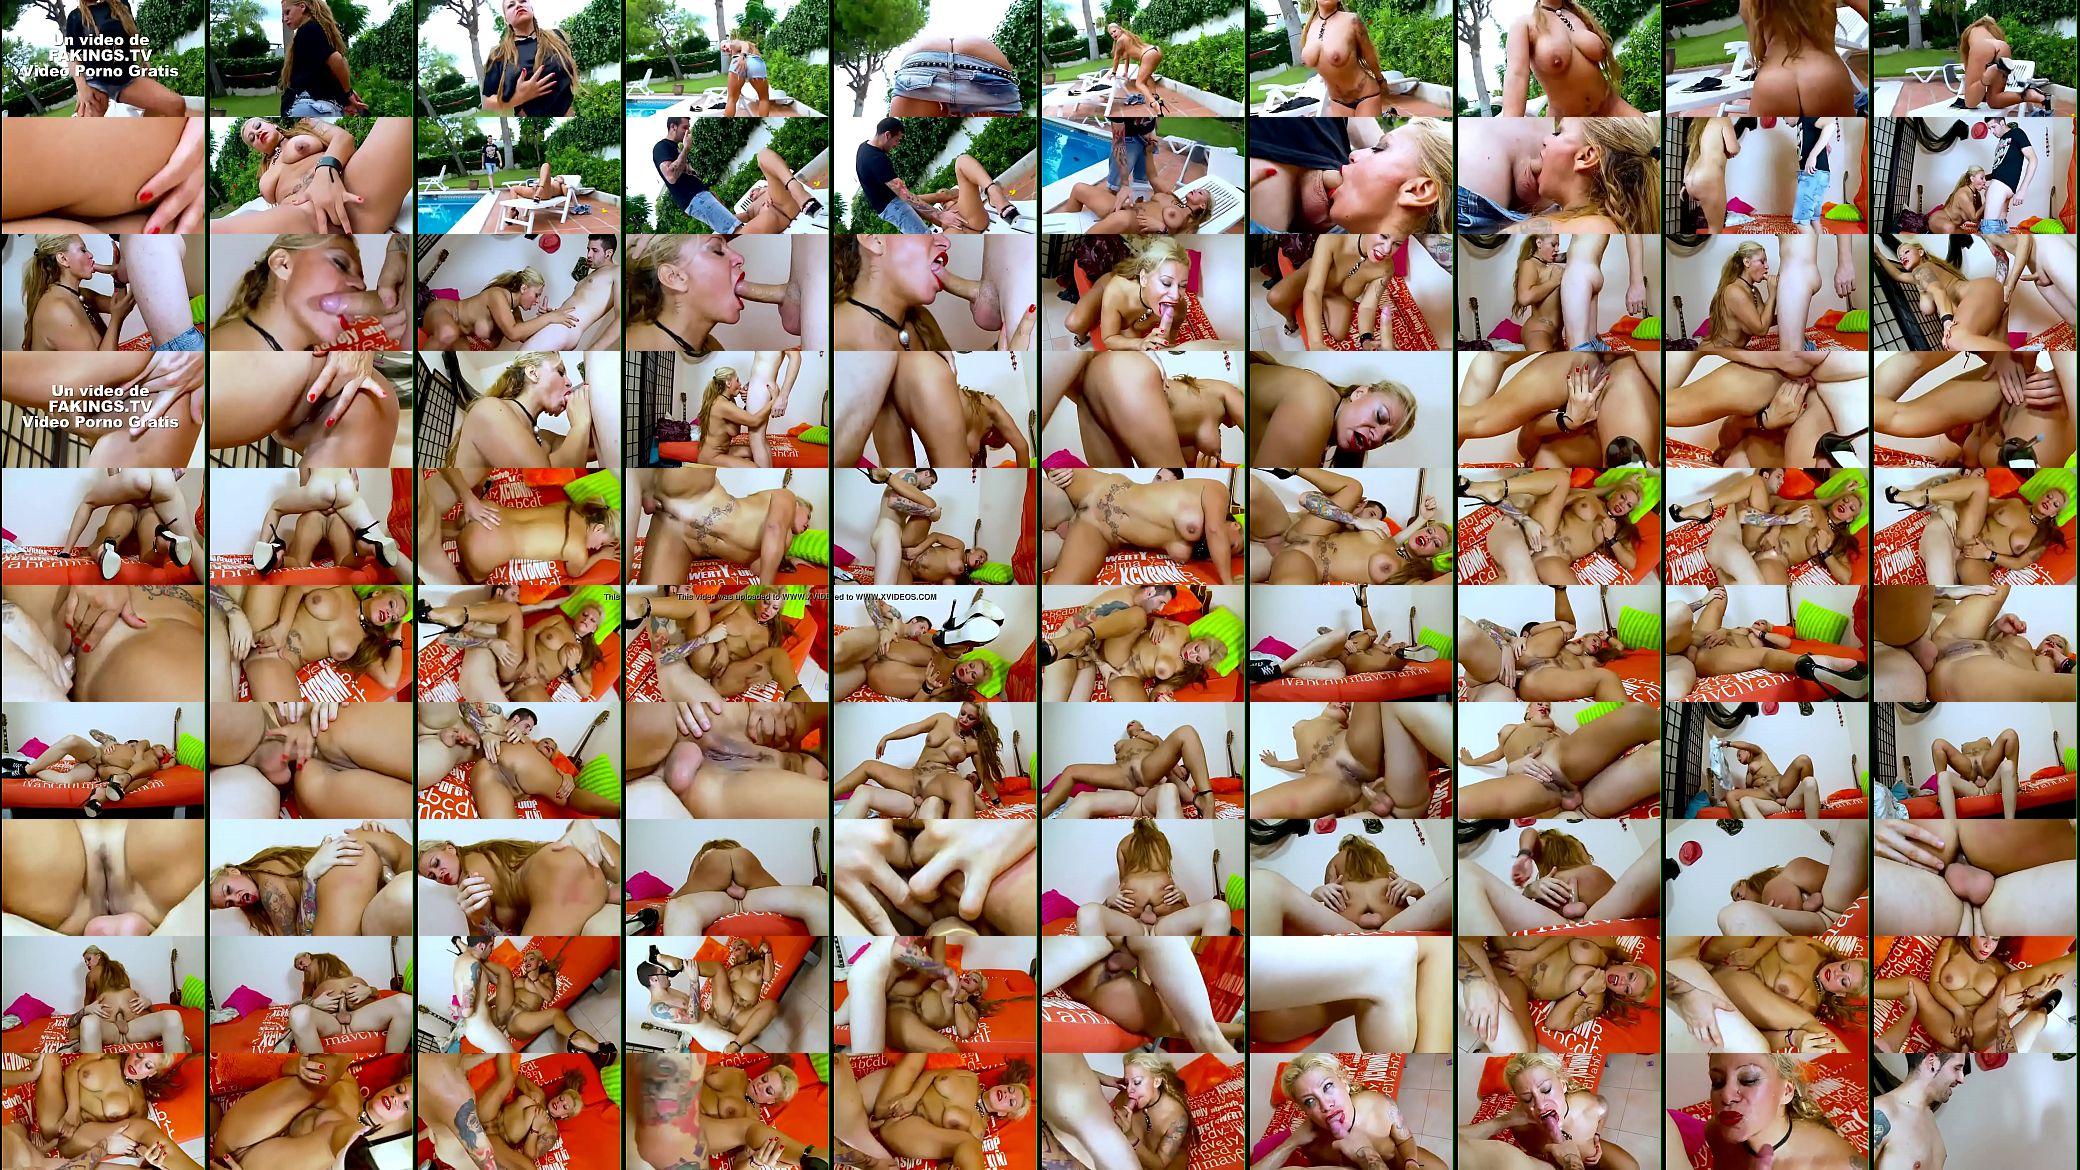 Alexa Blum Videos Porno alexa blun fucking home - xvideos